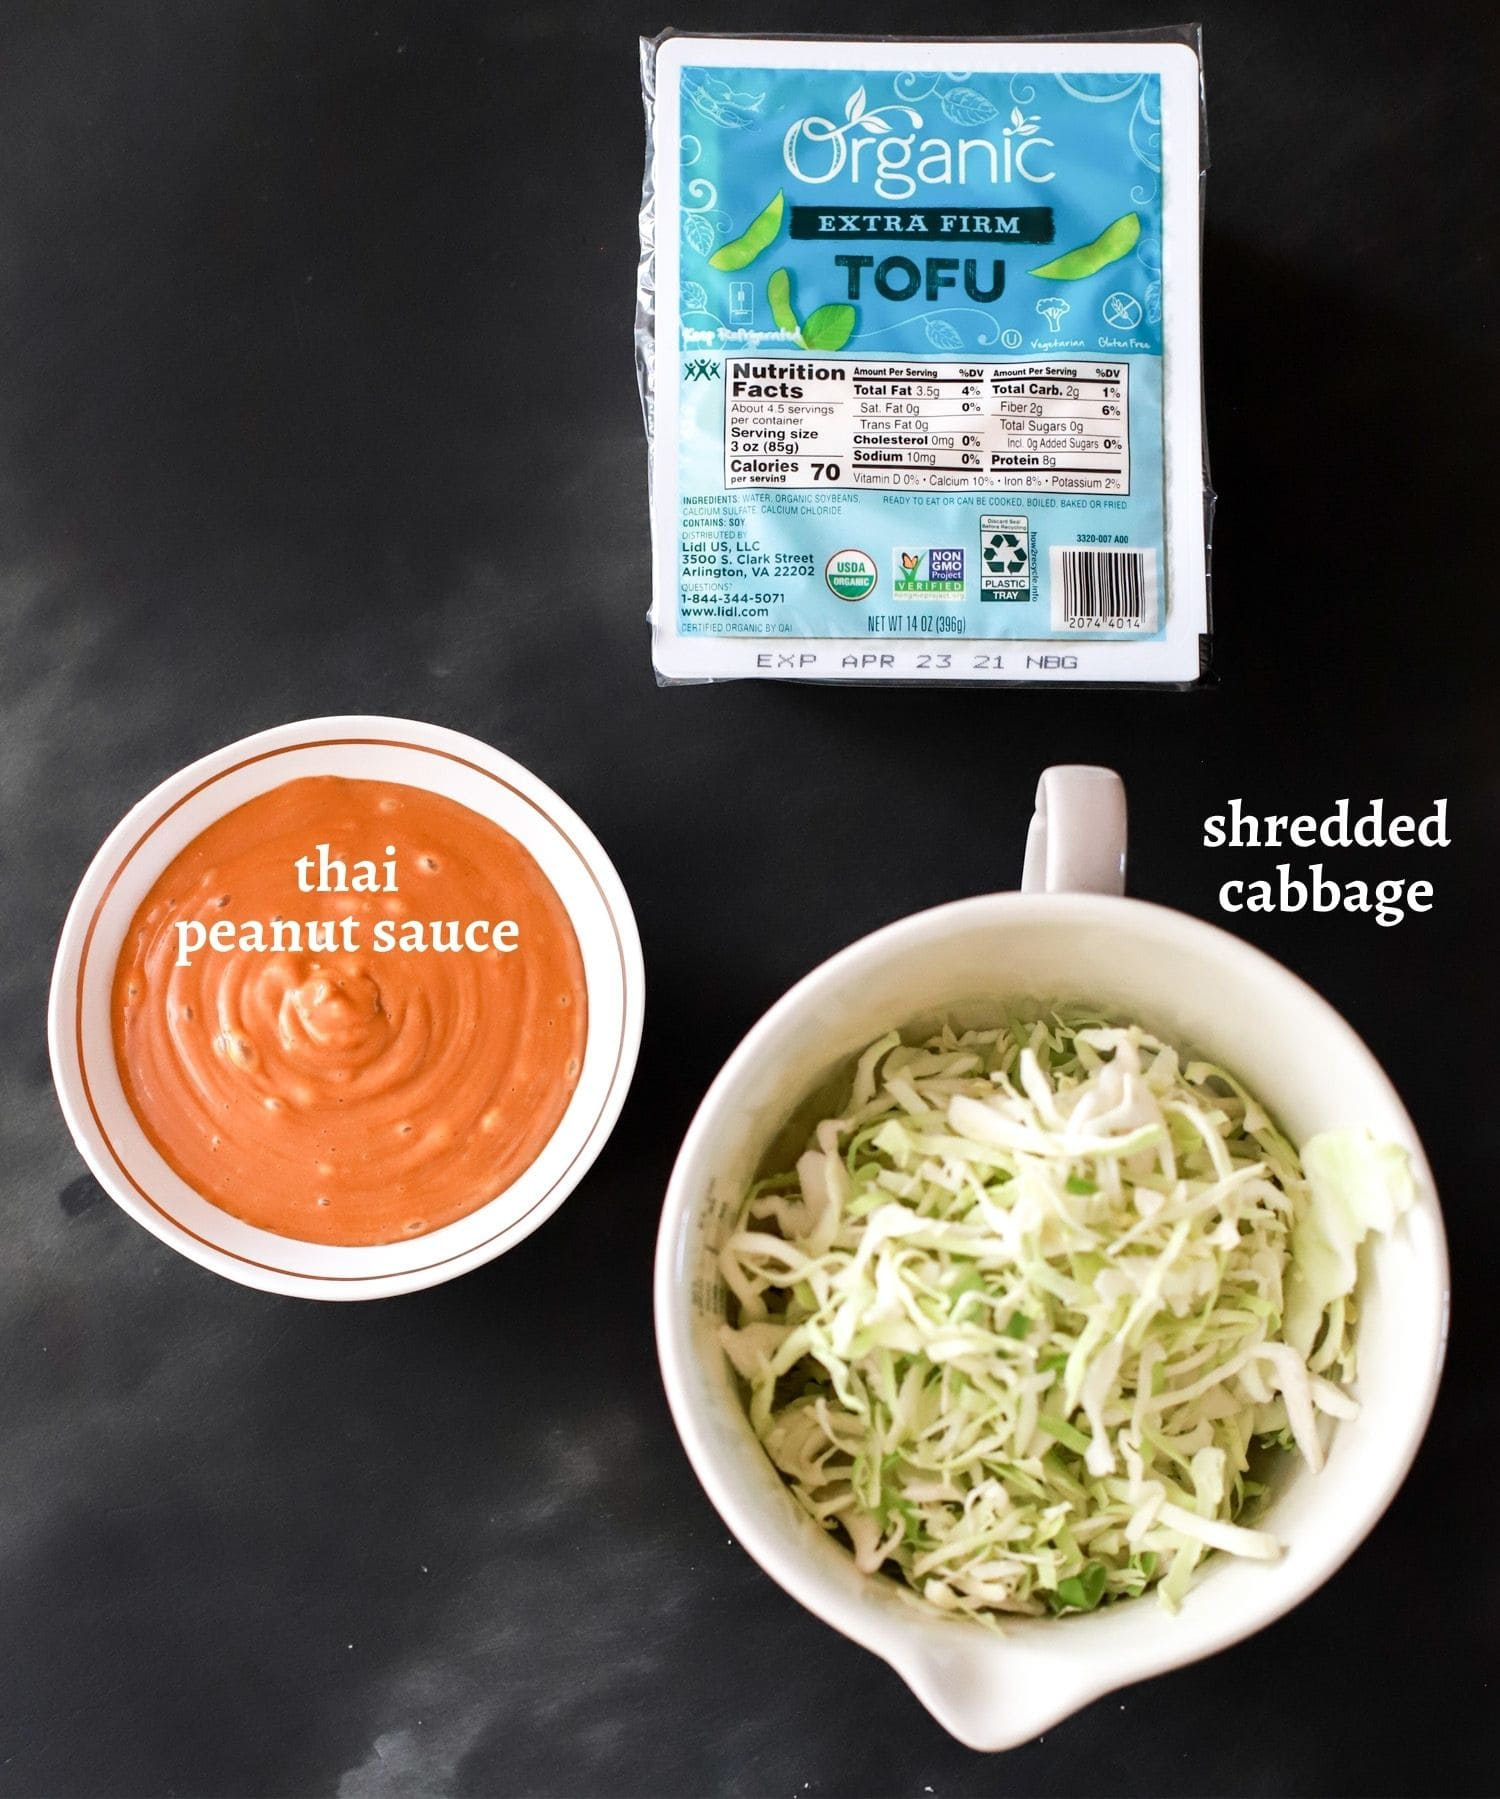 Peanut Sauce Tofu Ingredients